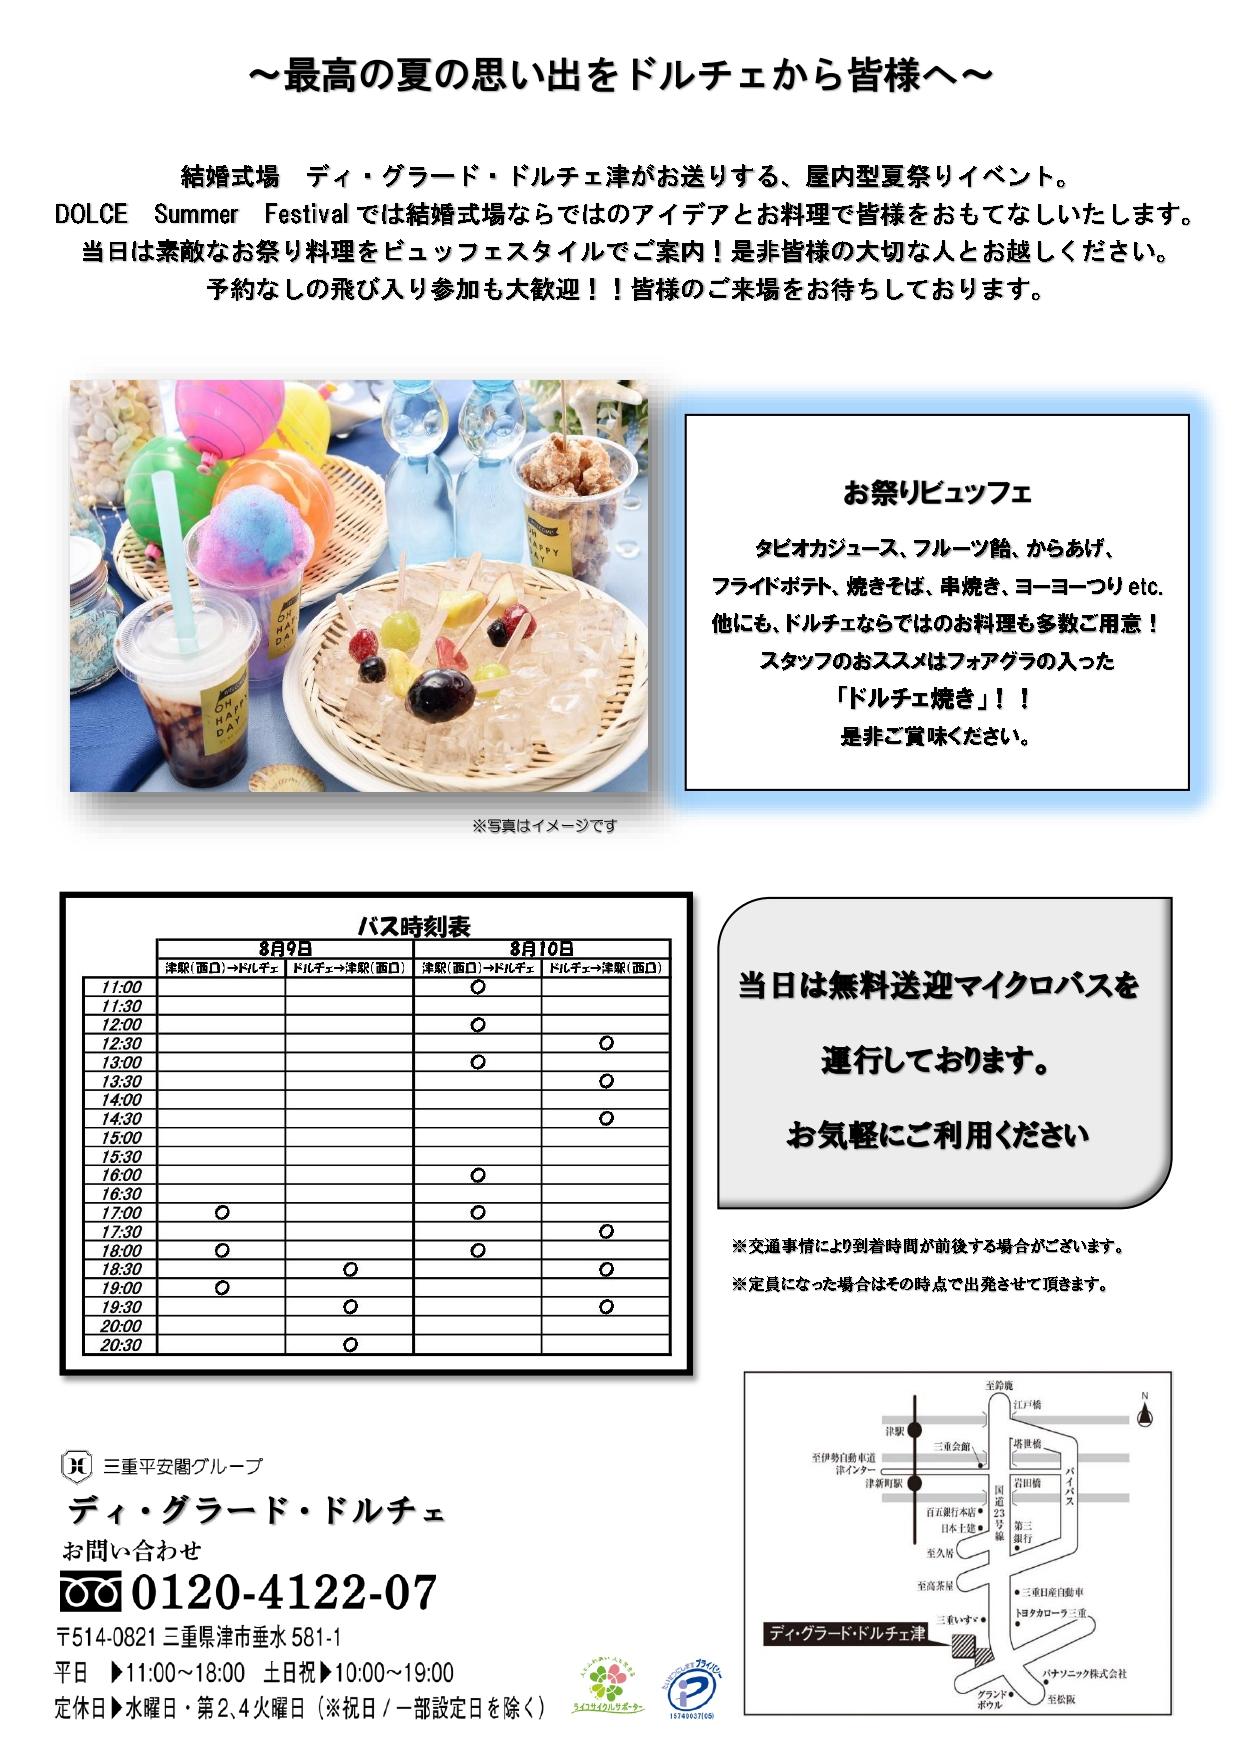 夏まつりチラシ完成版 - コピー_page-0002